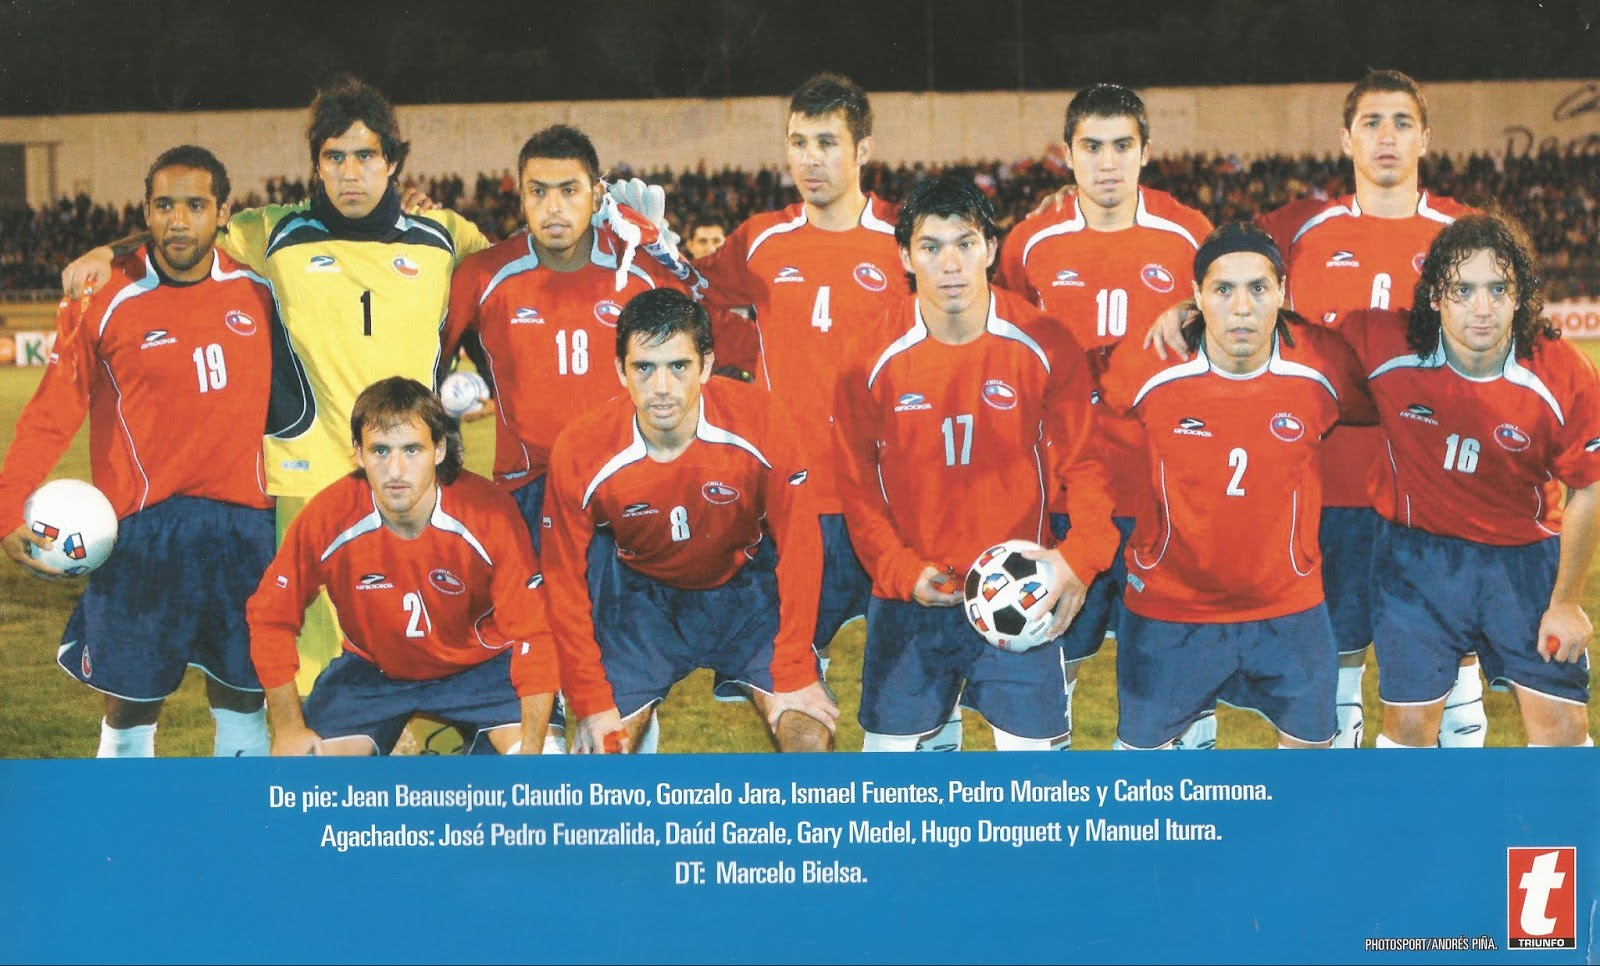 Formación de Chile ante Panamá, amistoso disputado el 7 de junio de 2008